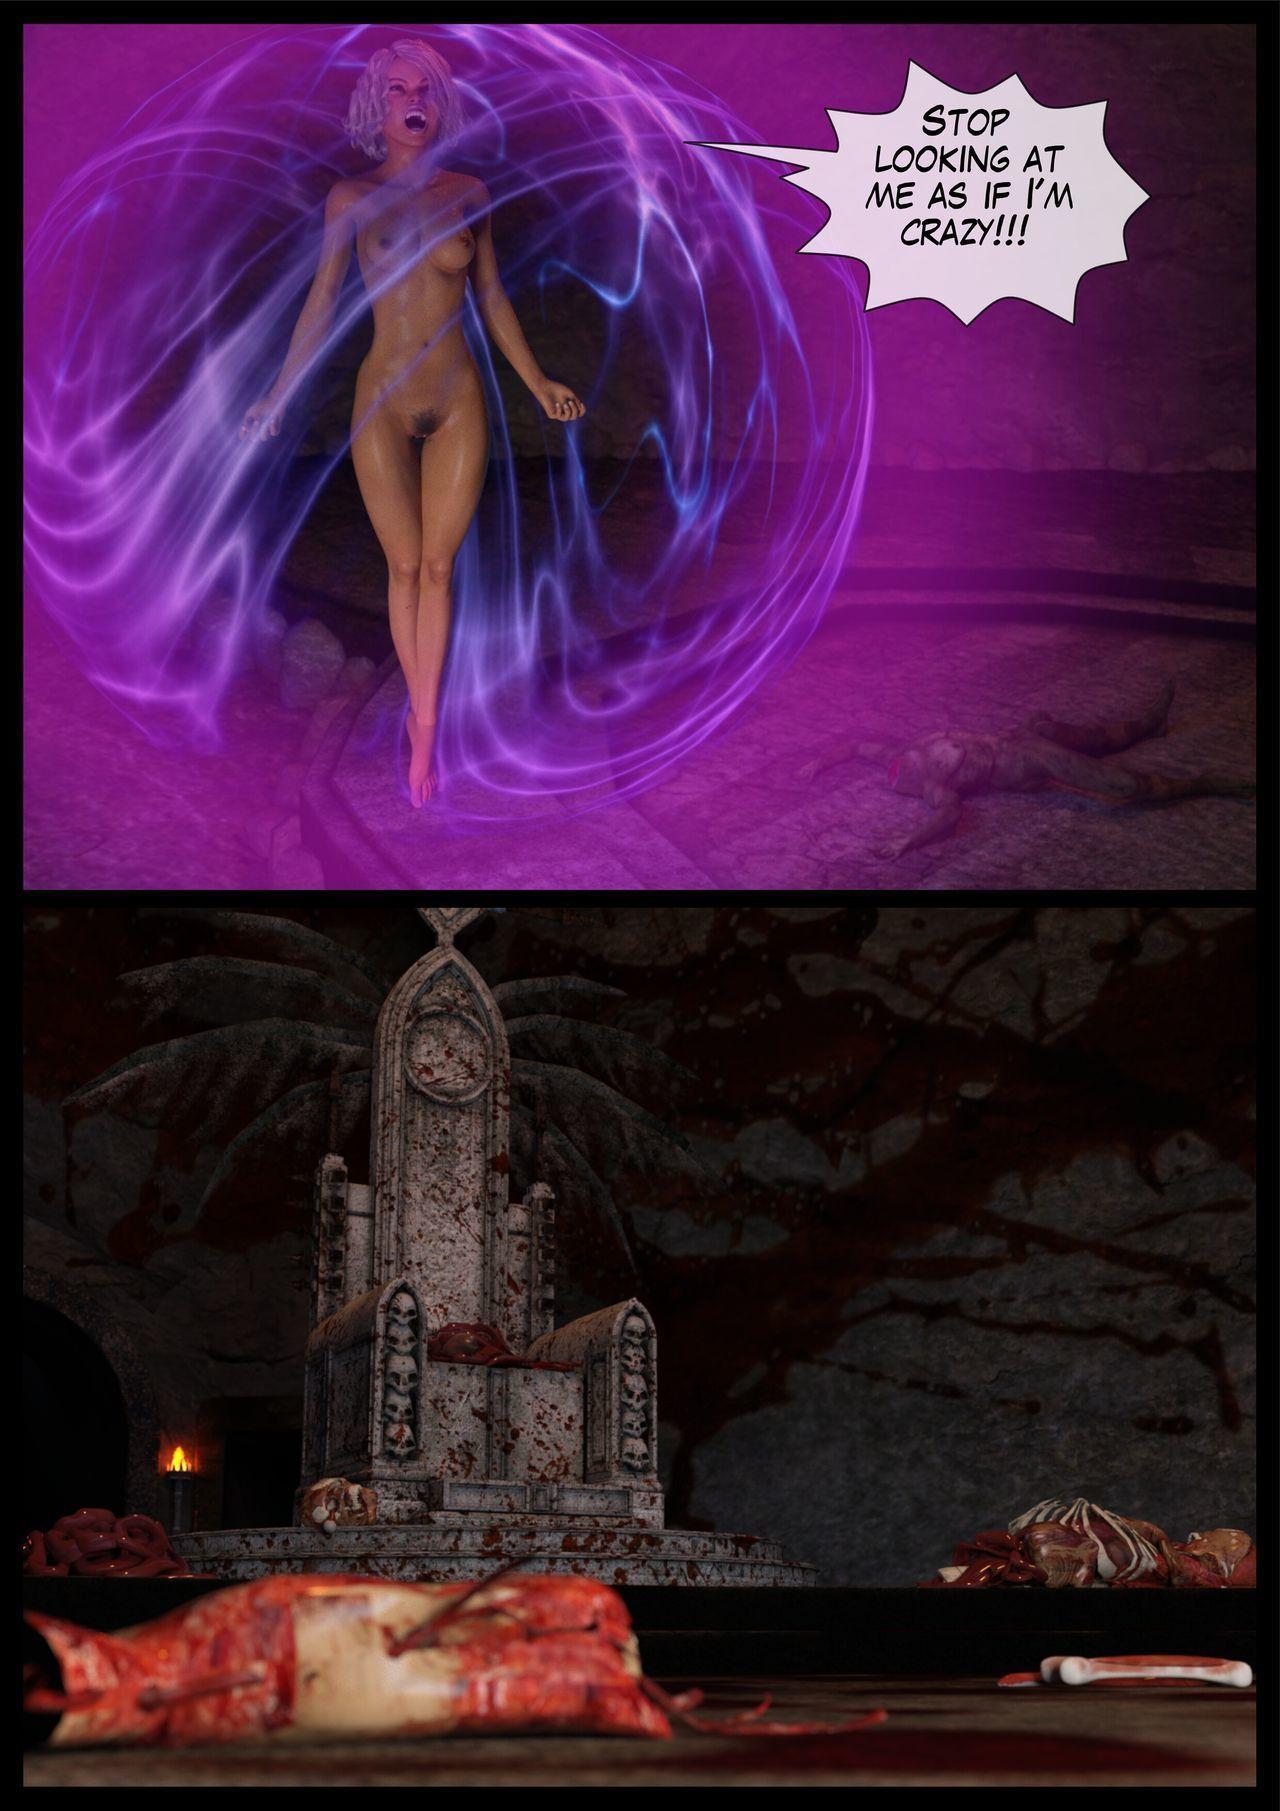 [Shinra-kun] The Fallen Star Ch. 9: Liber Genesis - Part 1 - part 9